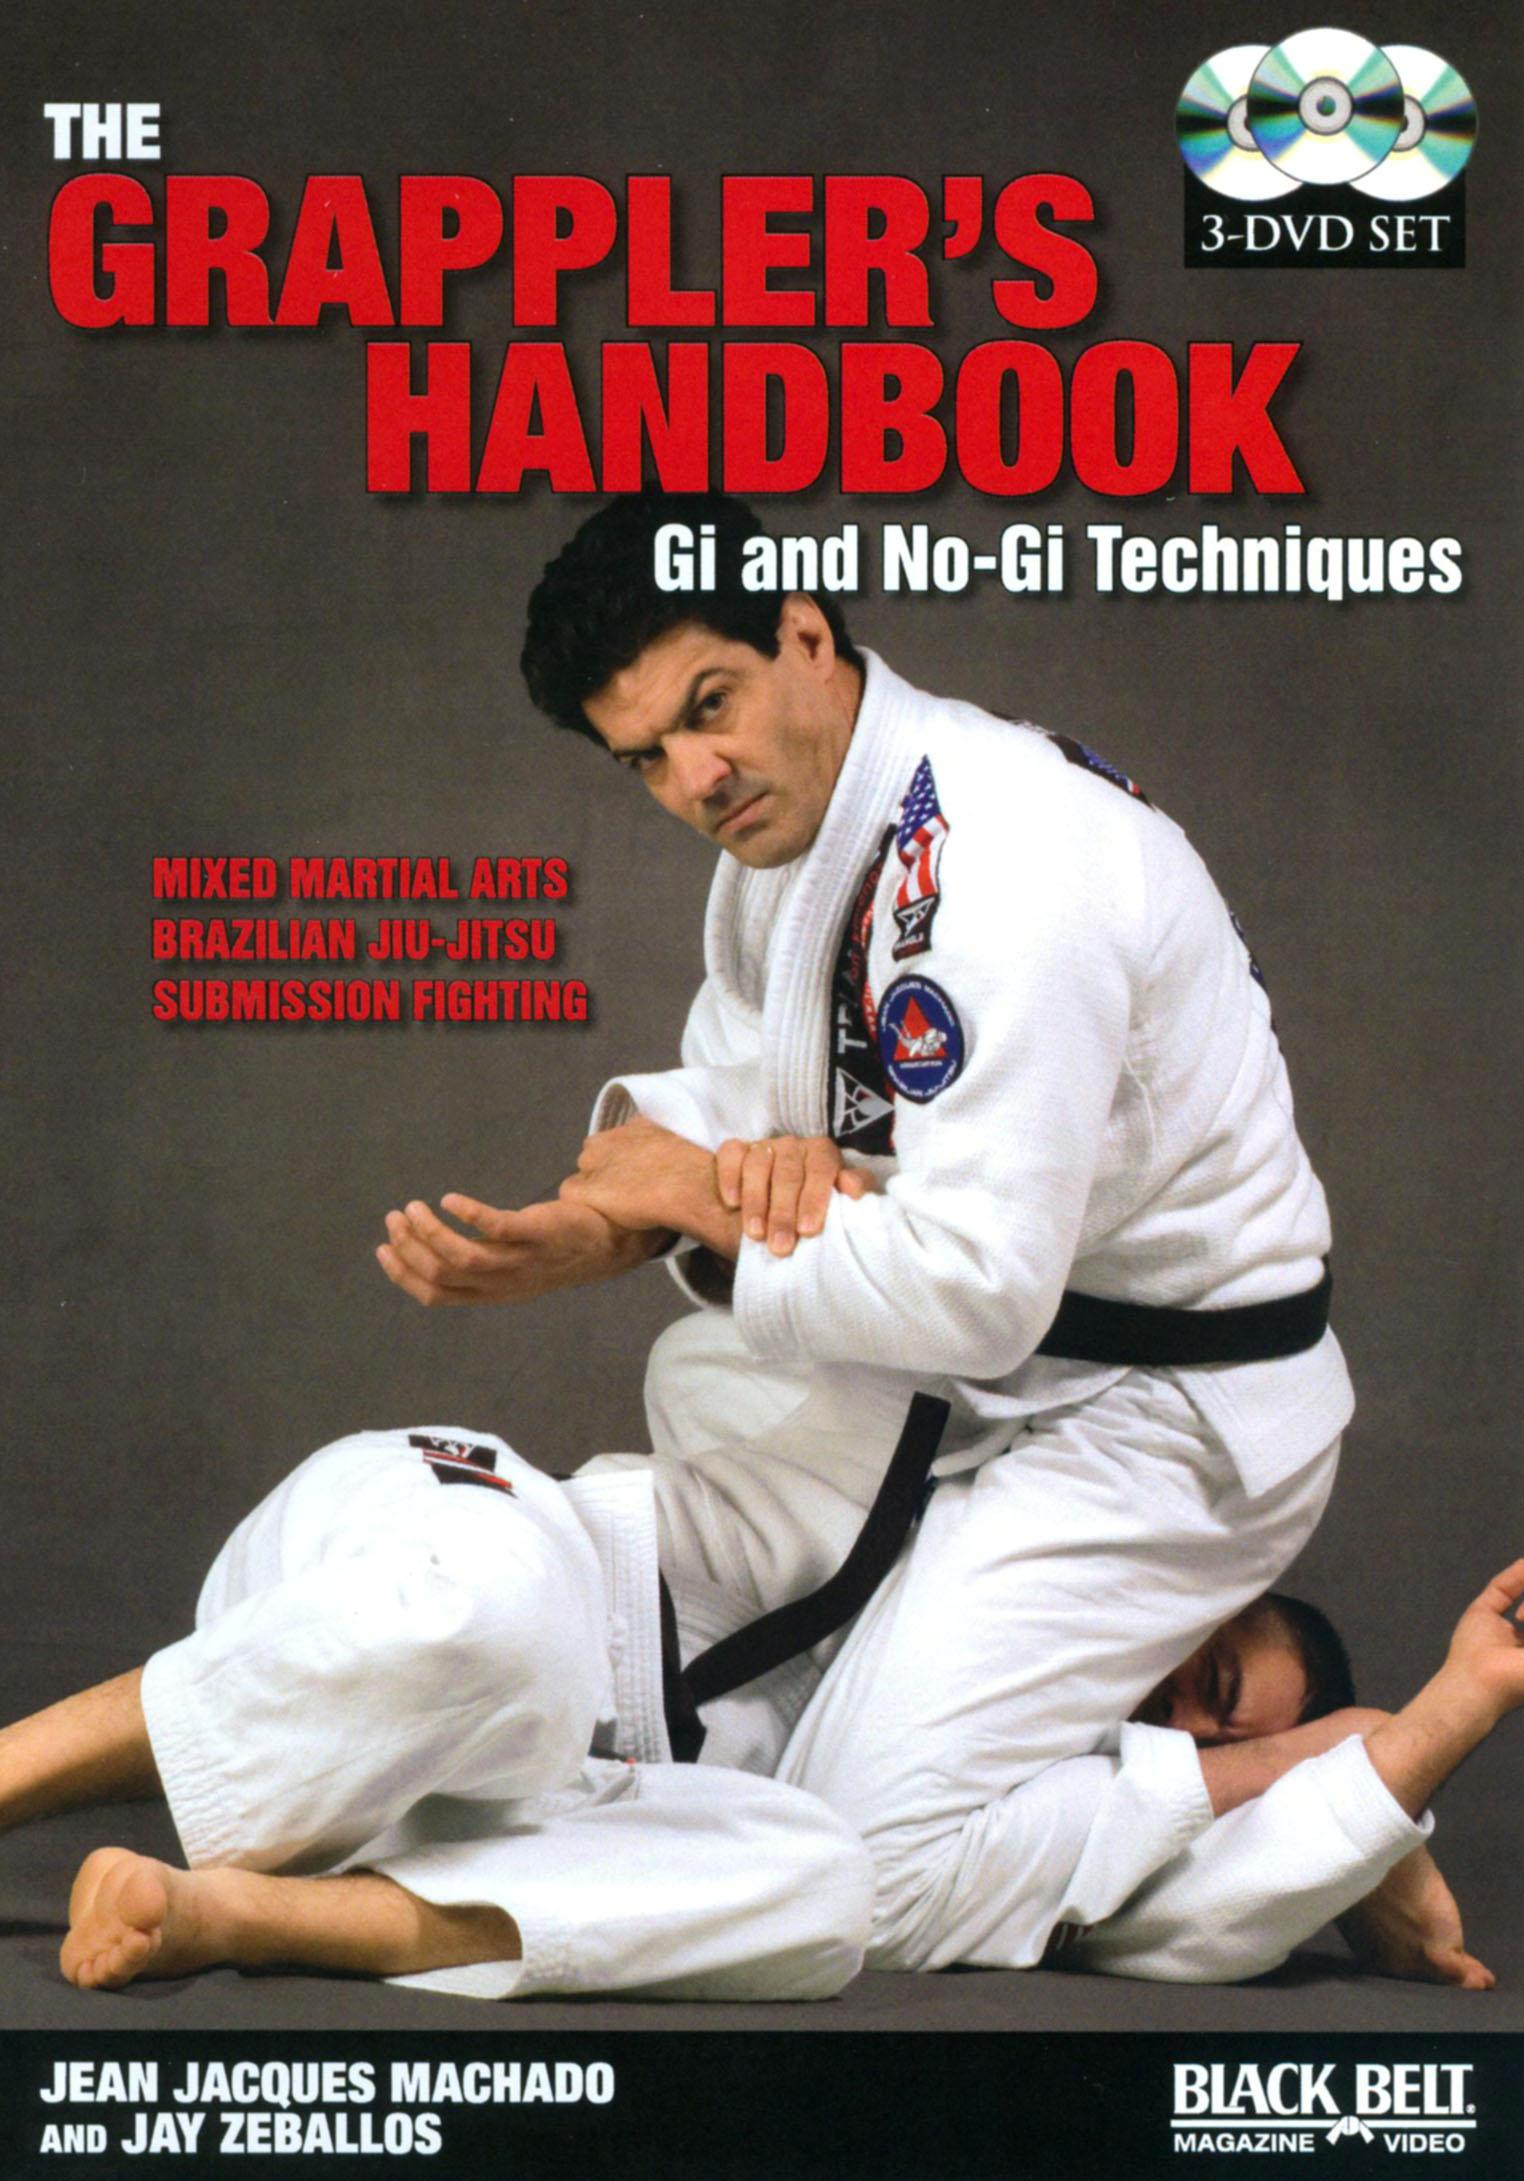 The Grappler's Handbook: Gi and No-Gi Techniques